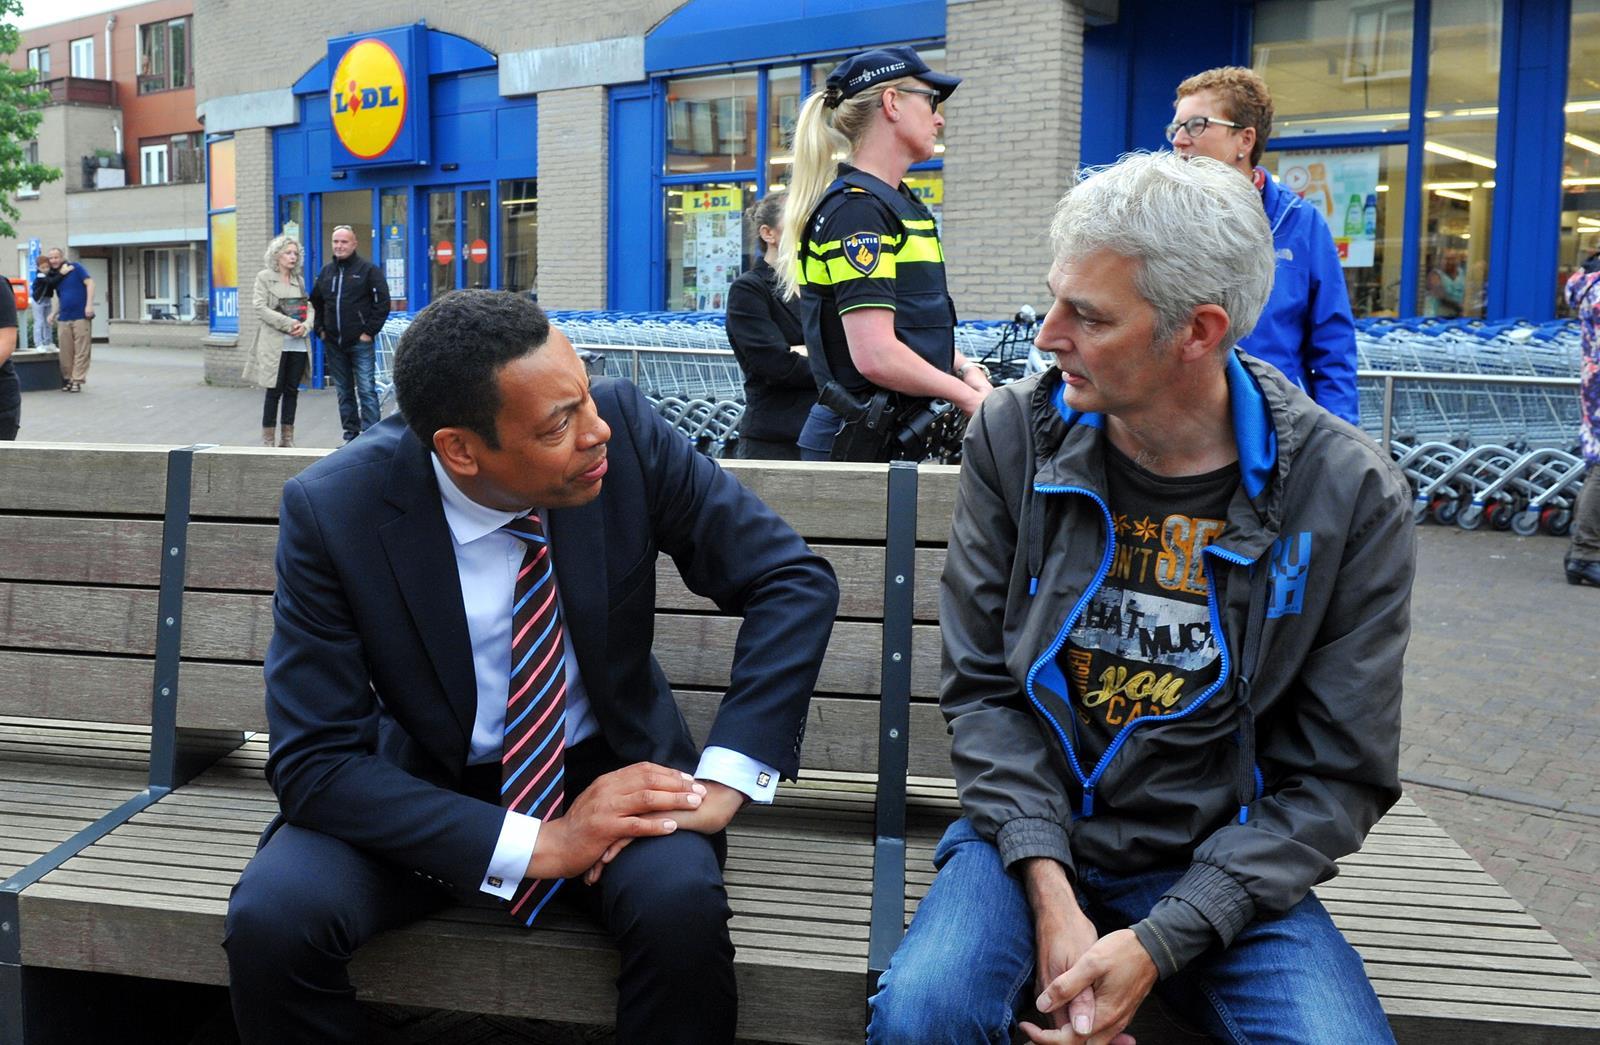 Burgemeester Weerwind in gesprek met een bewoner van de Kruidenwijk tijdens de incidenten vorig jaar (foto door: Bob Friedländer)